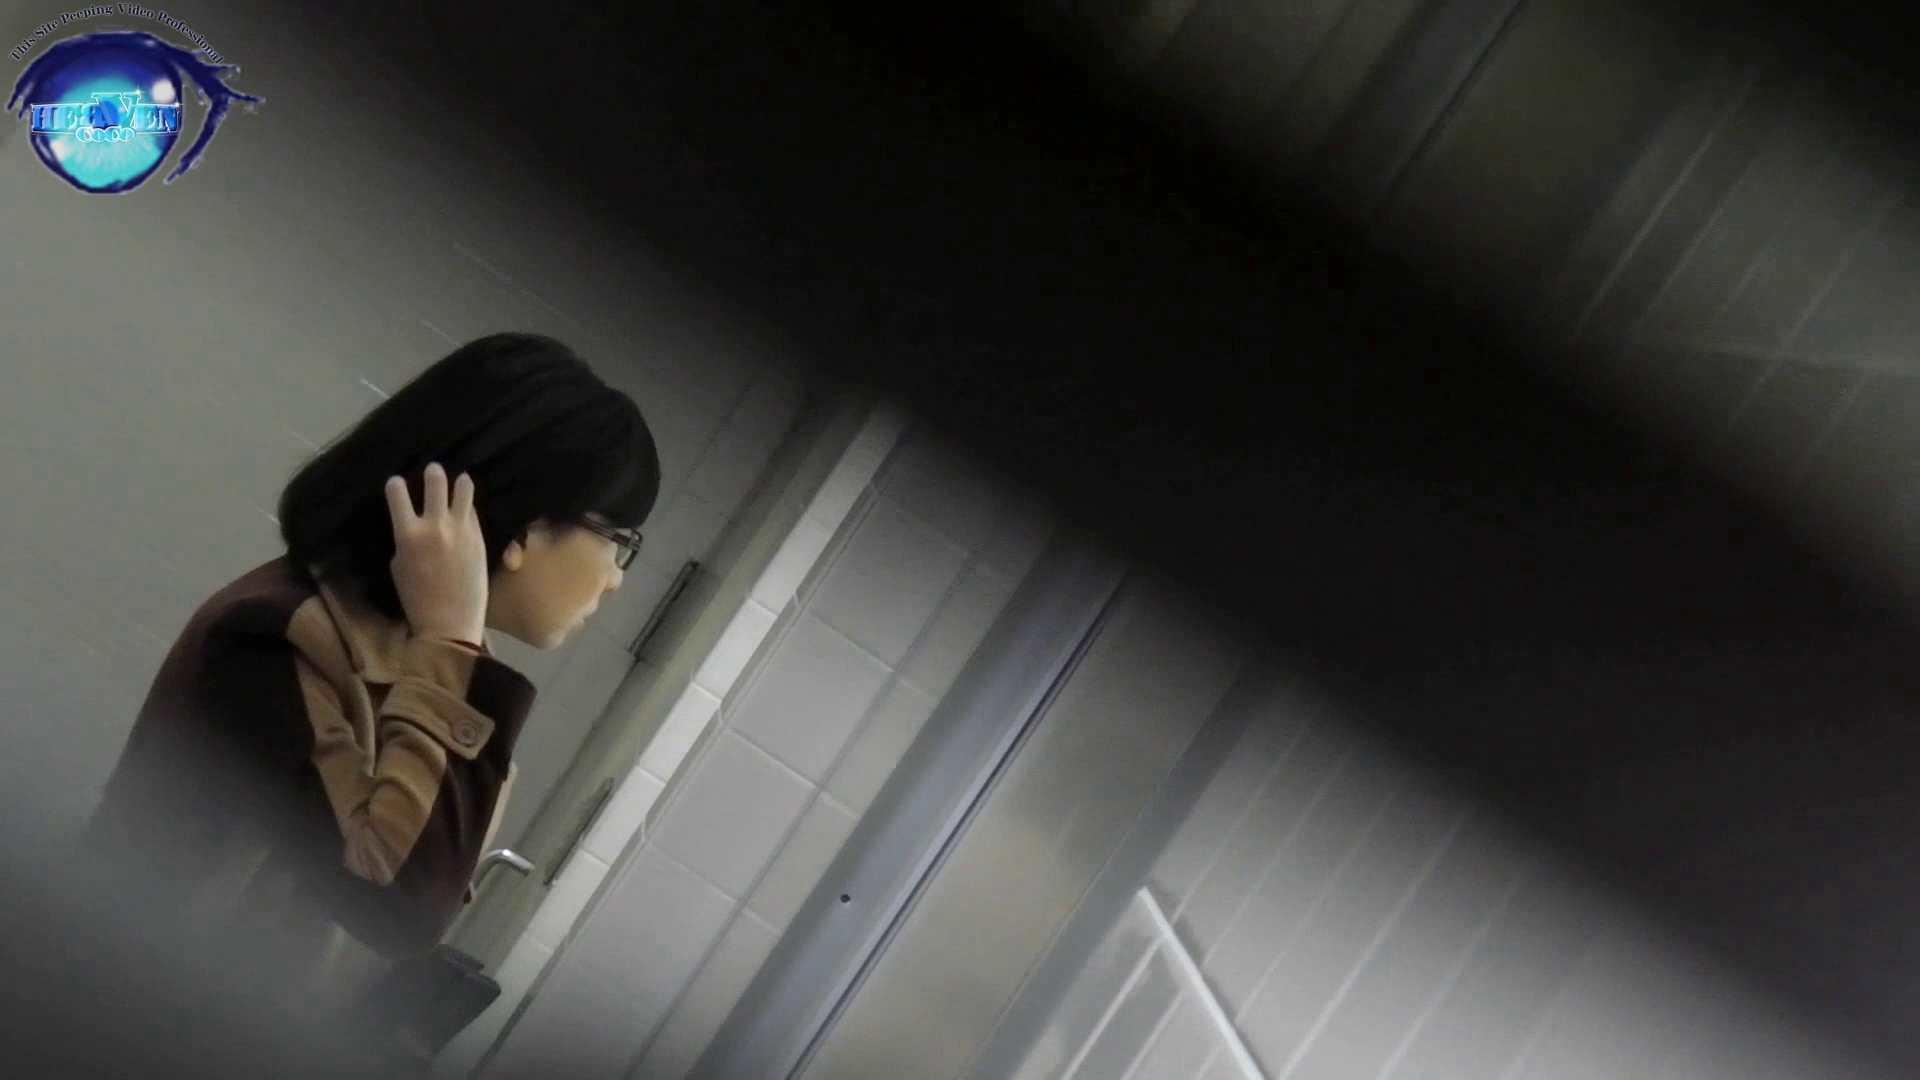 お銀さん vol.59 ピンチ!!「鏡の前で祈る女性」にばれる危機 前編 OLセックス  86画像 18